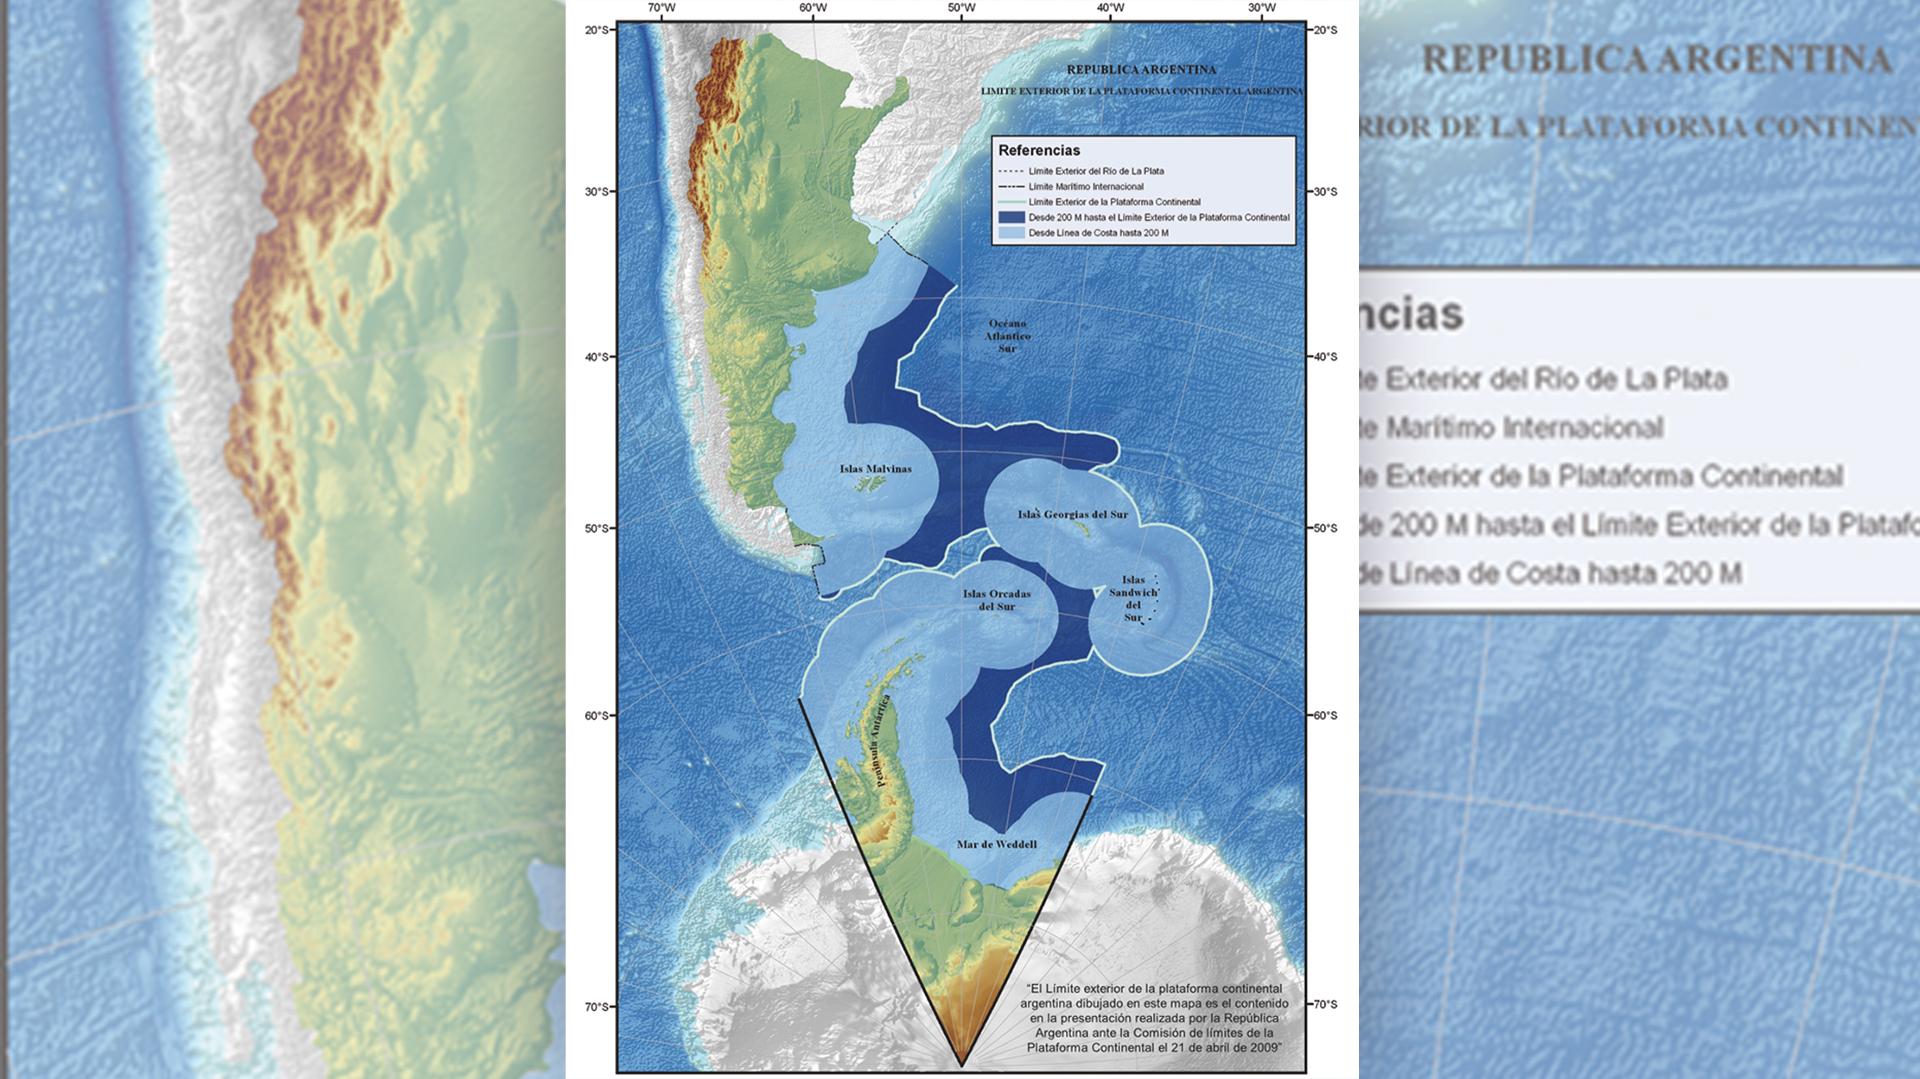 Pesca: ¿Quién ejerce el poder en el Atlántico Sur? (2da. Parte) «Hay que pegarle al chancho para que aparezca el dueño» (Cesar Lerena)